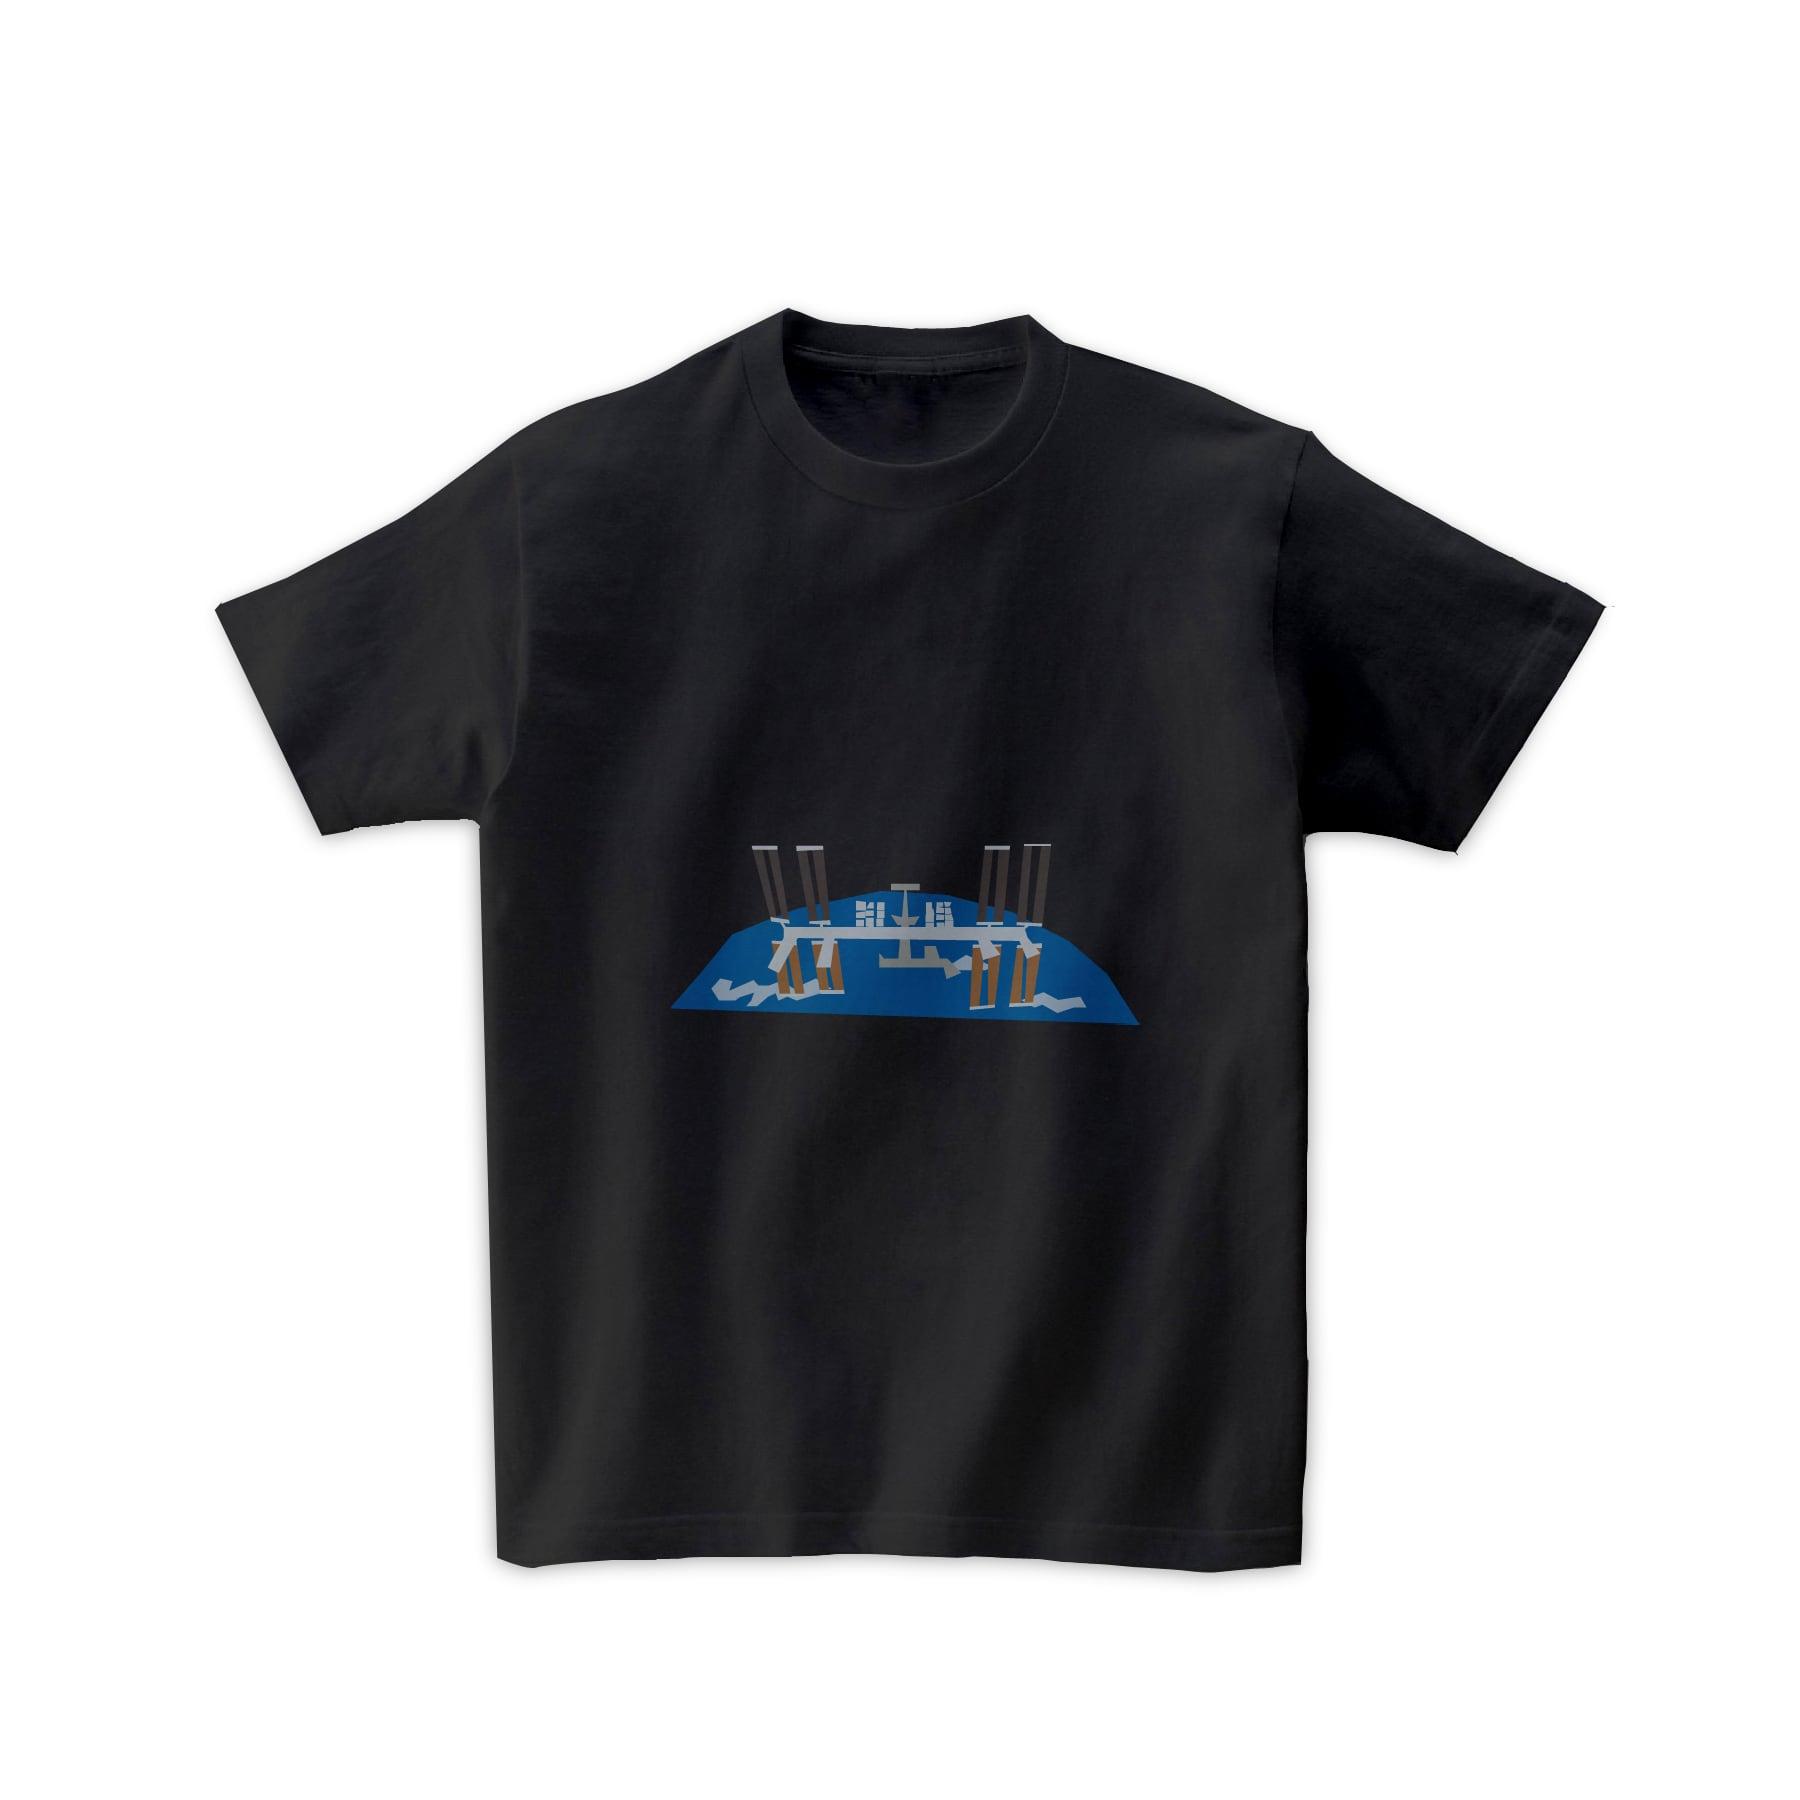 宇宙Tシャツ-宇宙ステーション